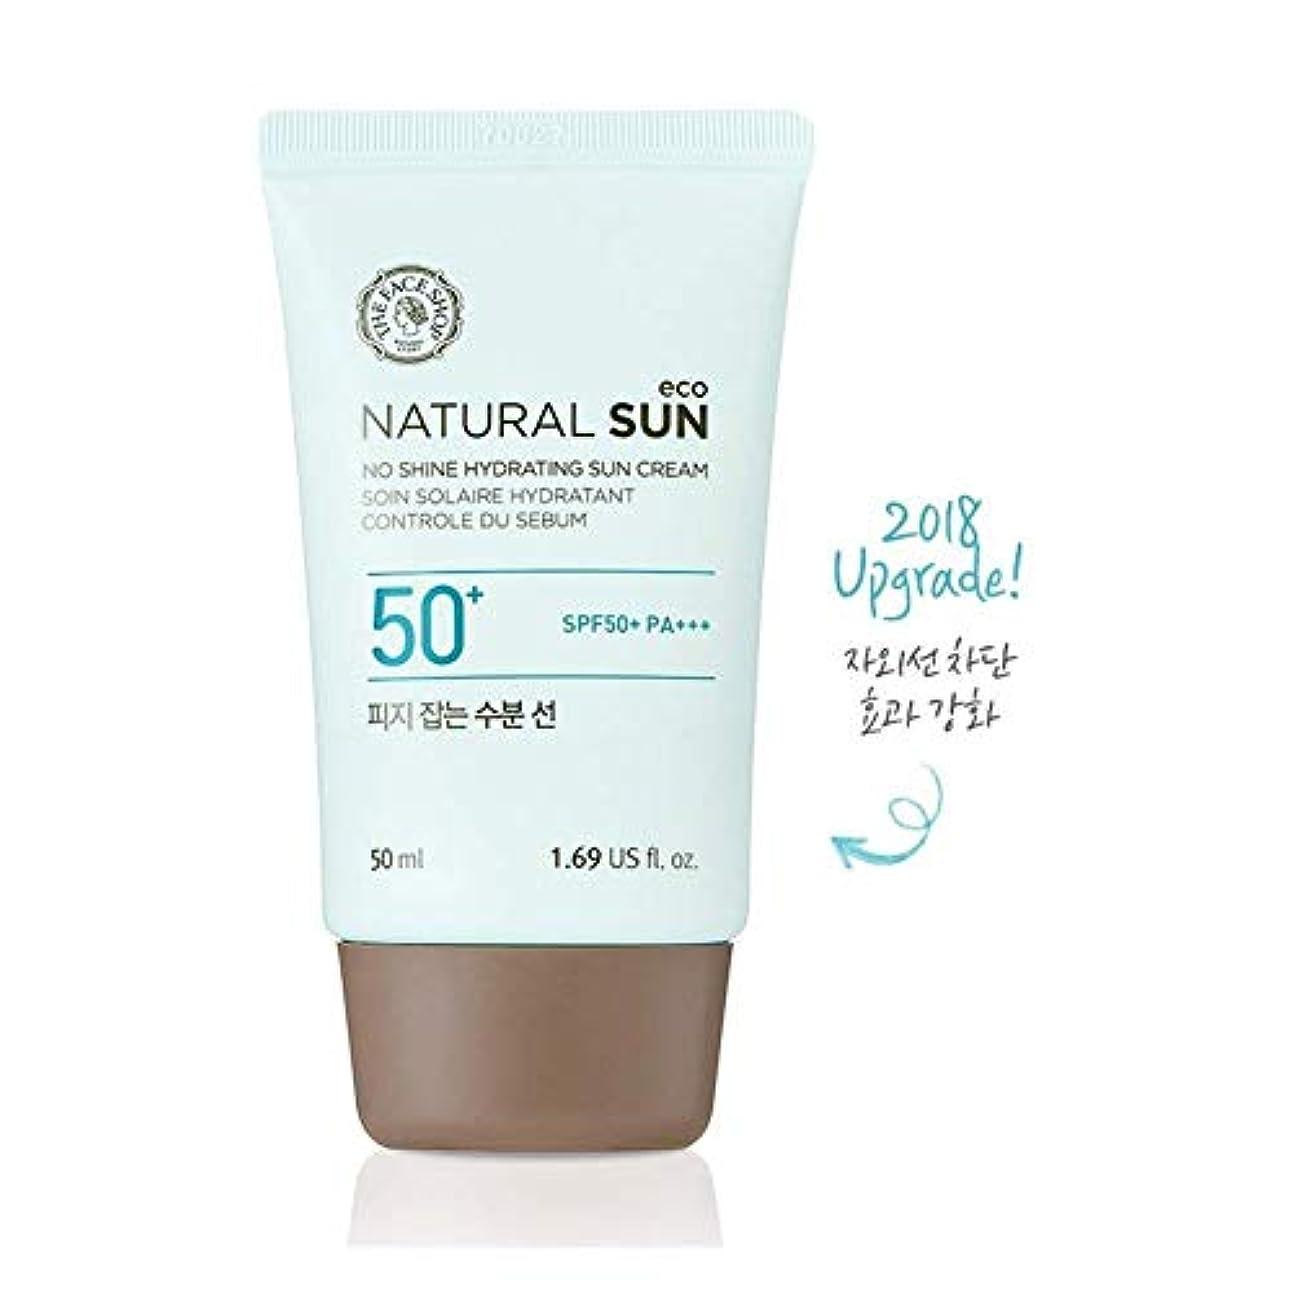 衣服囲い道ザ?フェイスショップ ネチュロルソンエコフィジーサン?クリーム SPF50+PA+++50ml 韓国コスメ、The Face Shop Natural Sun Eco No Shine Hydrating Sun Cream...